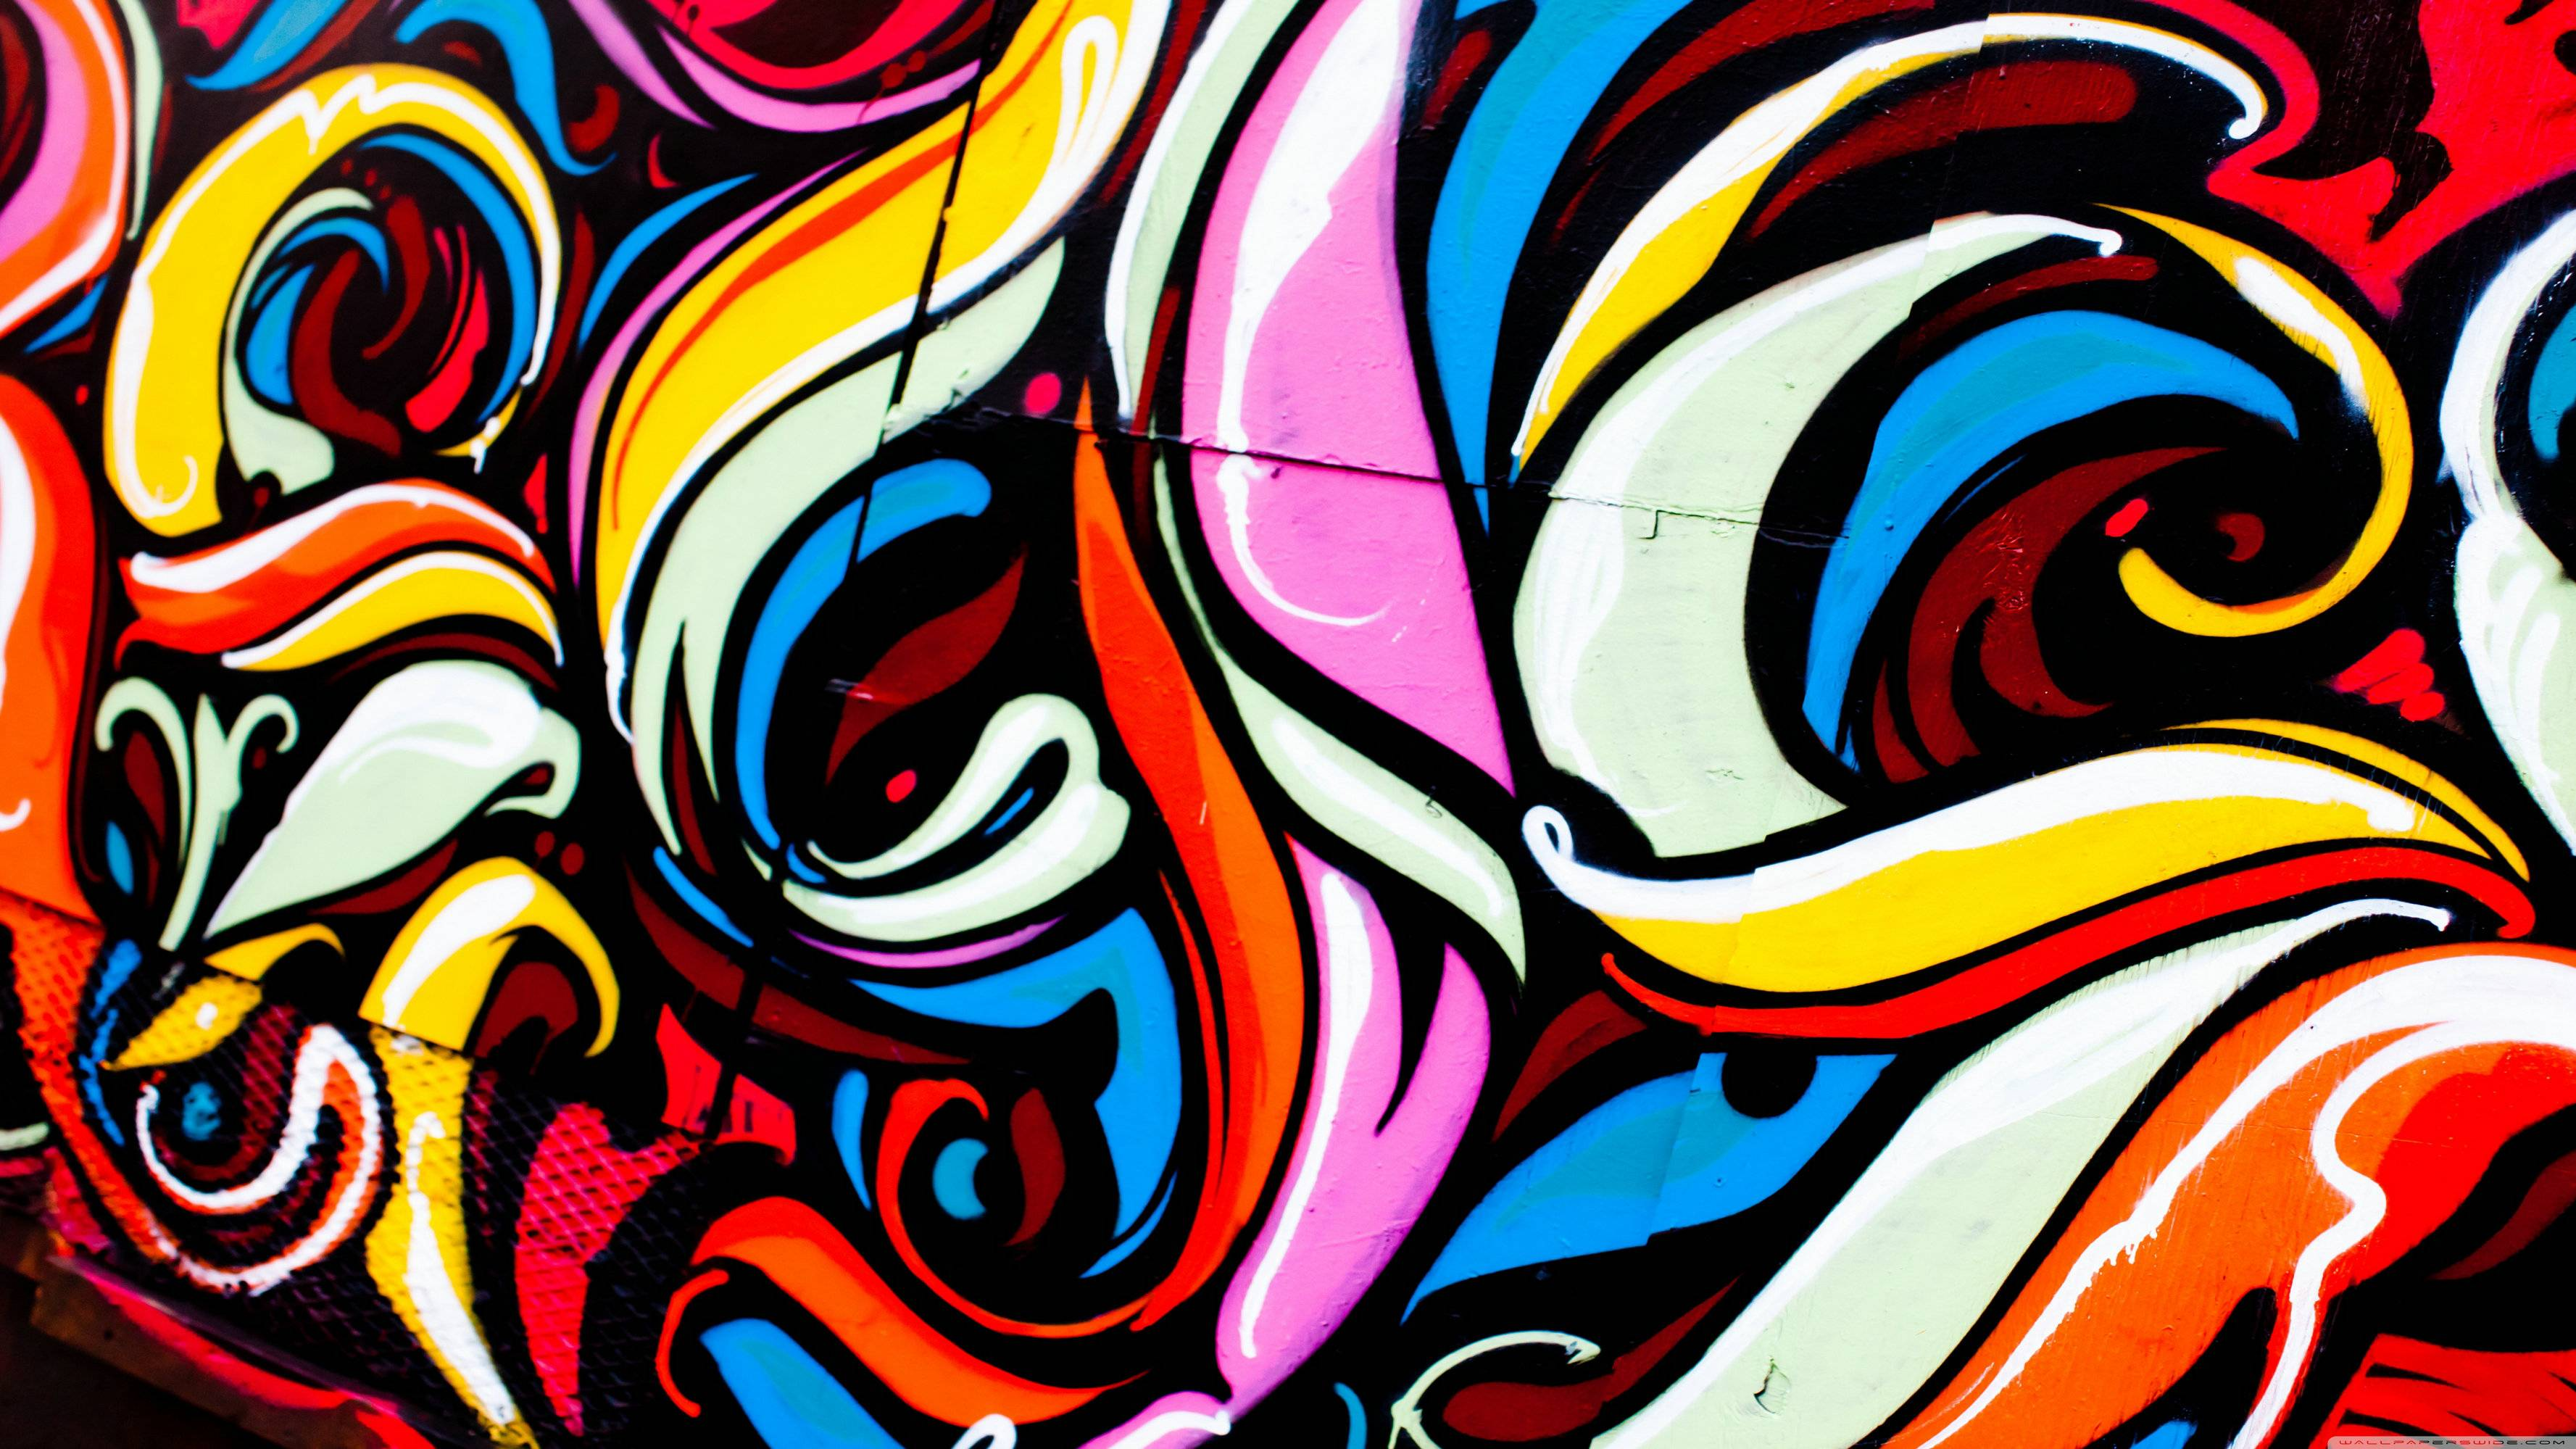 Music Graffiti Wallpapers: Cartoon Graffiti Wallpapers